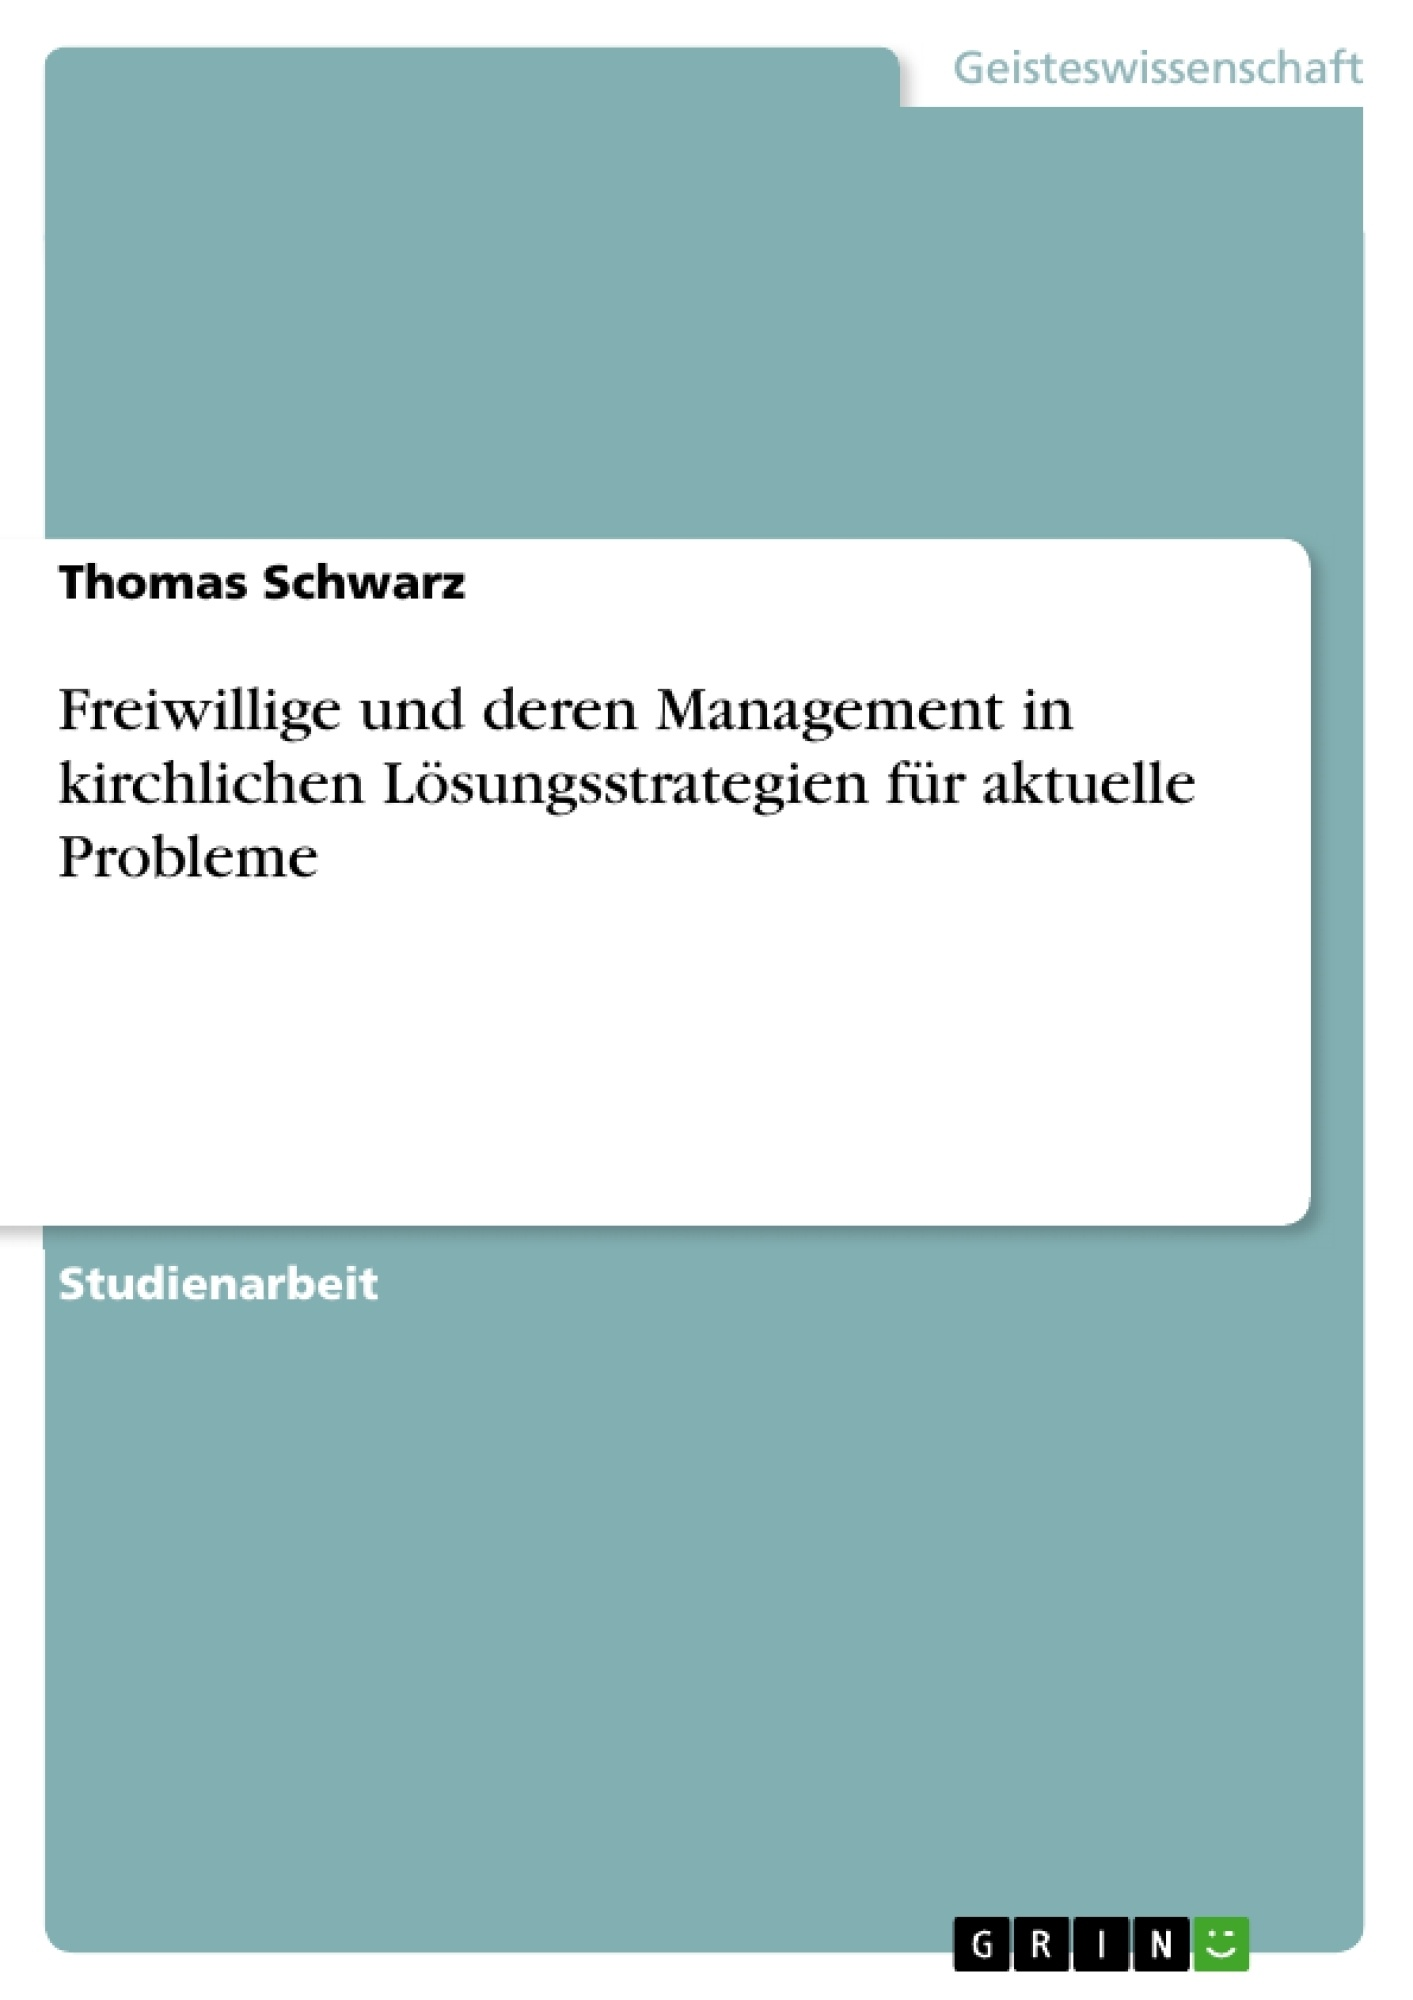 Titel: Freiwillige und deren Management in kirchlichen Lösungsstrategien für aktuelle Probleme